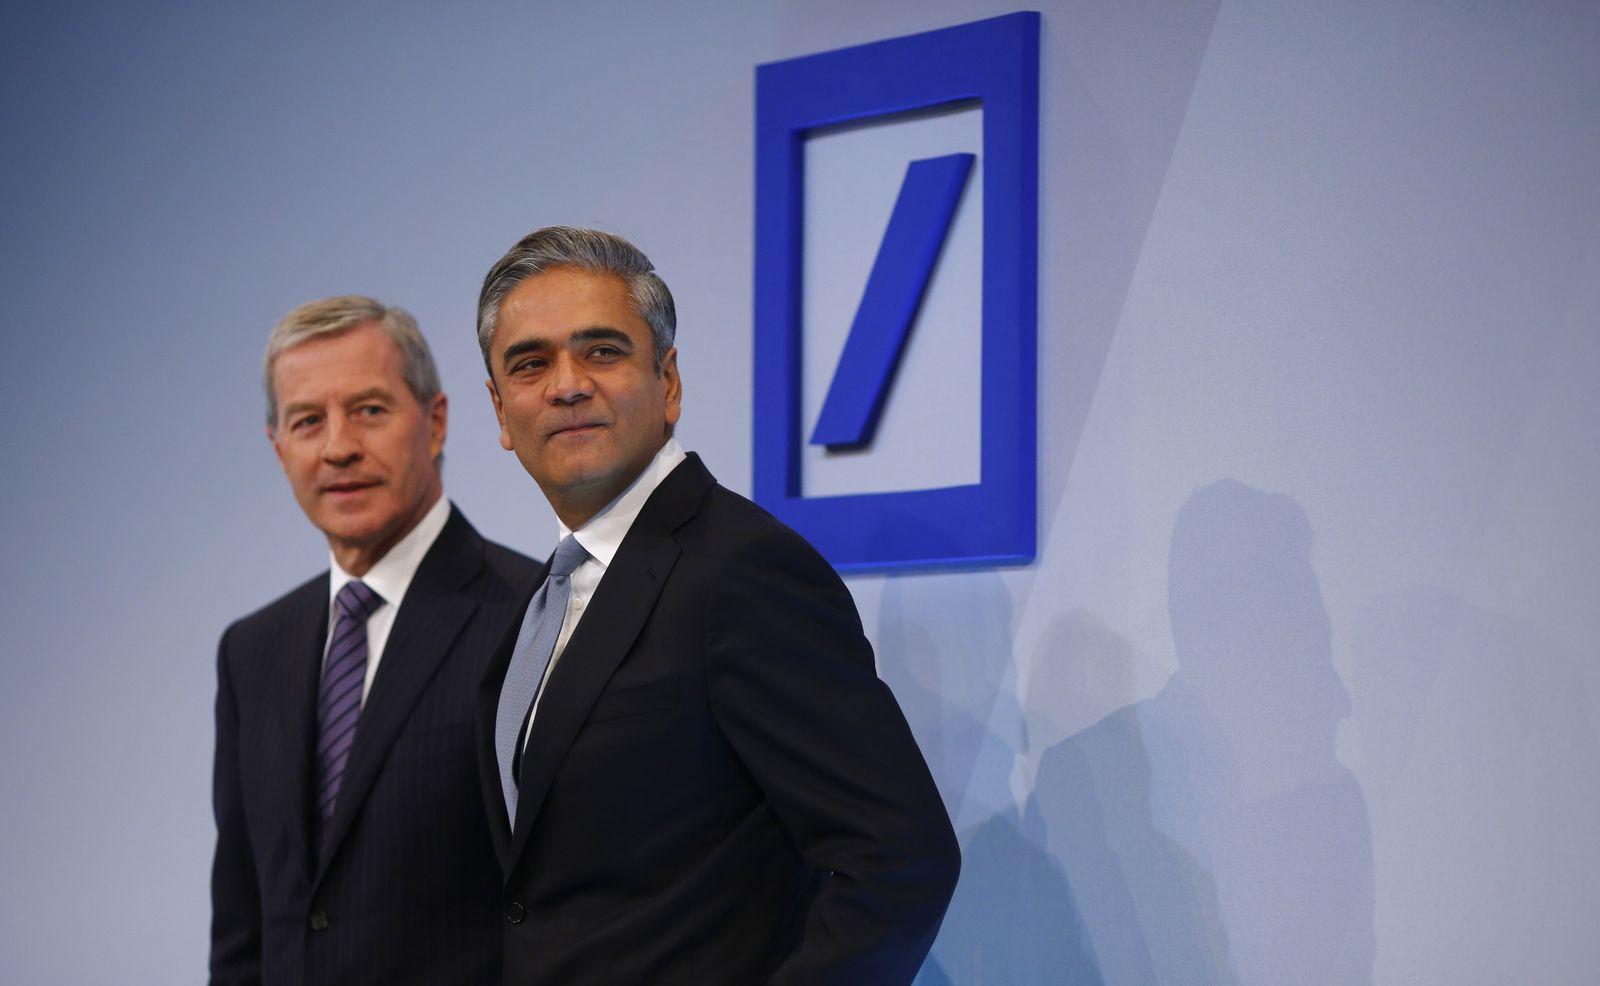 Jain Fitschen Deutsche Bank